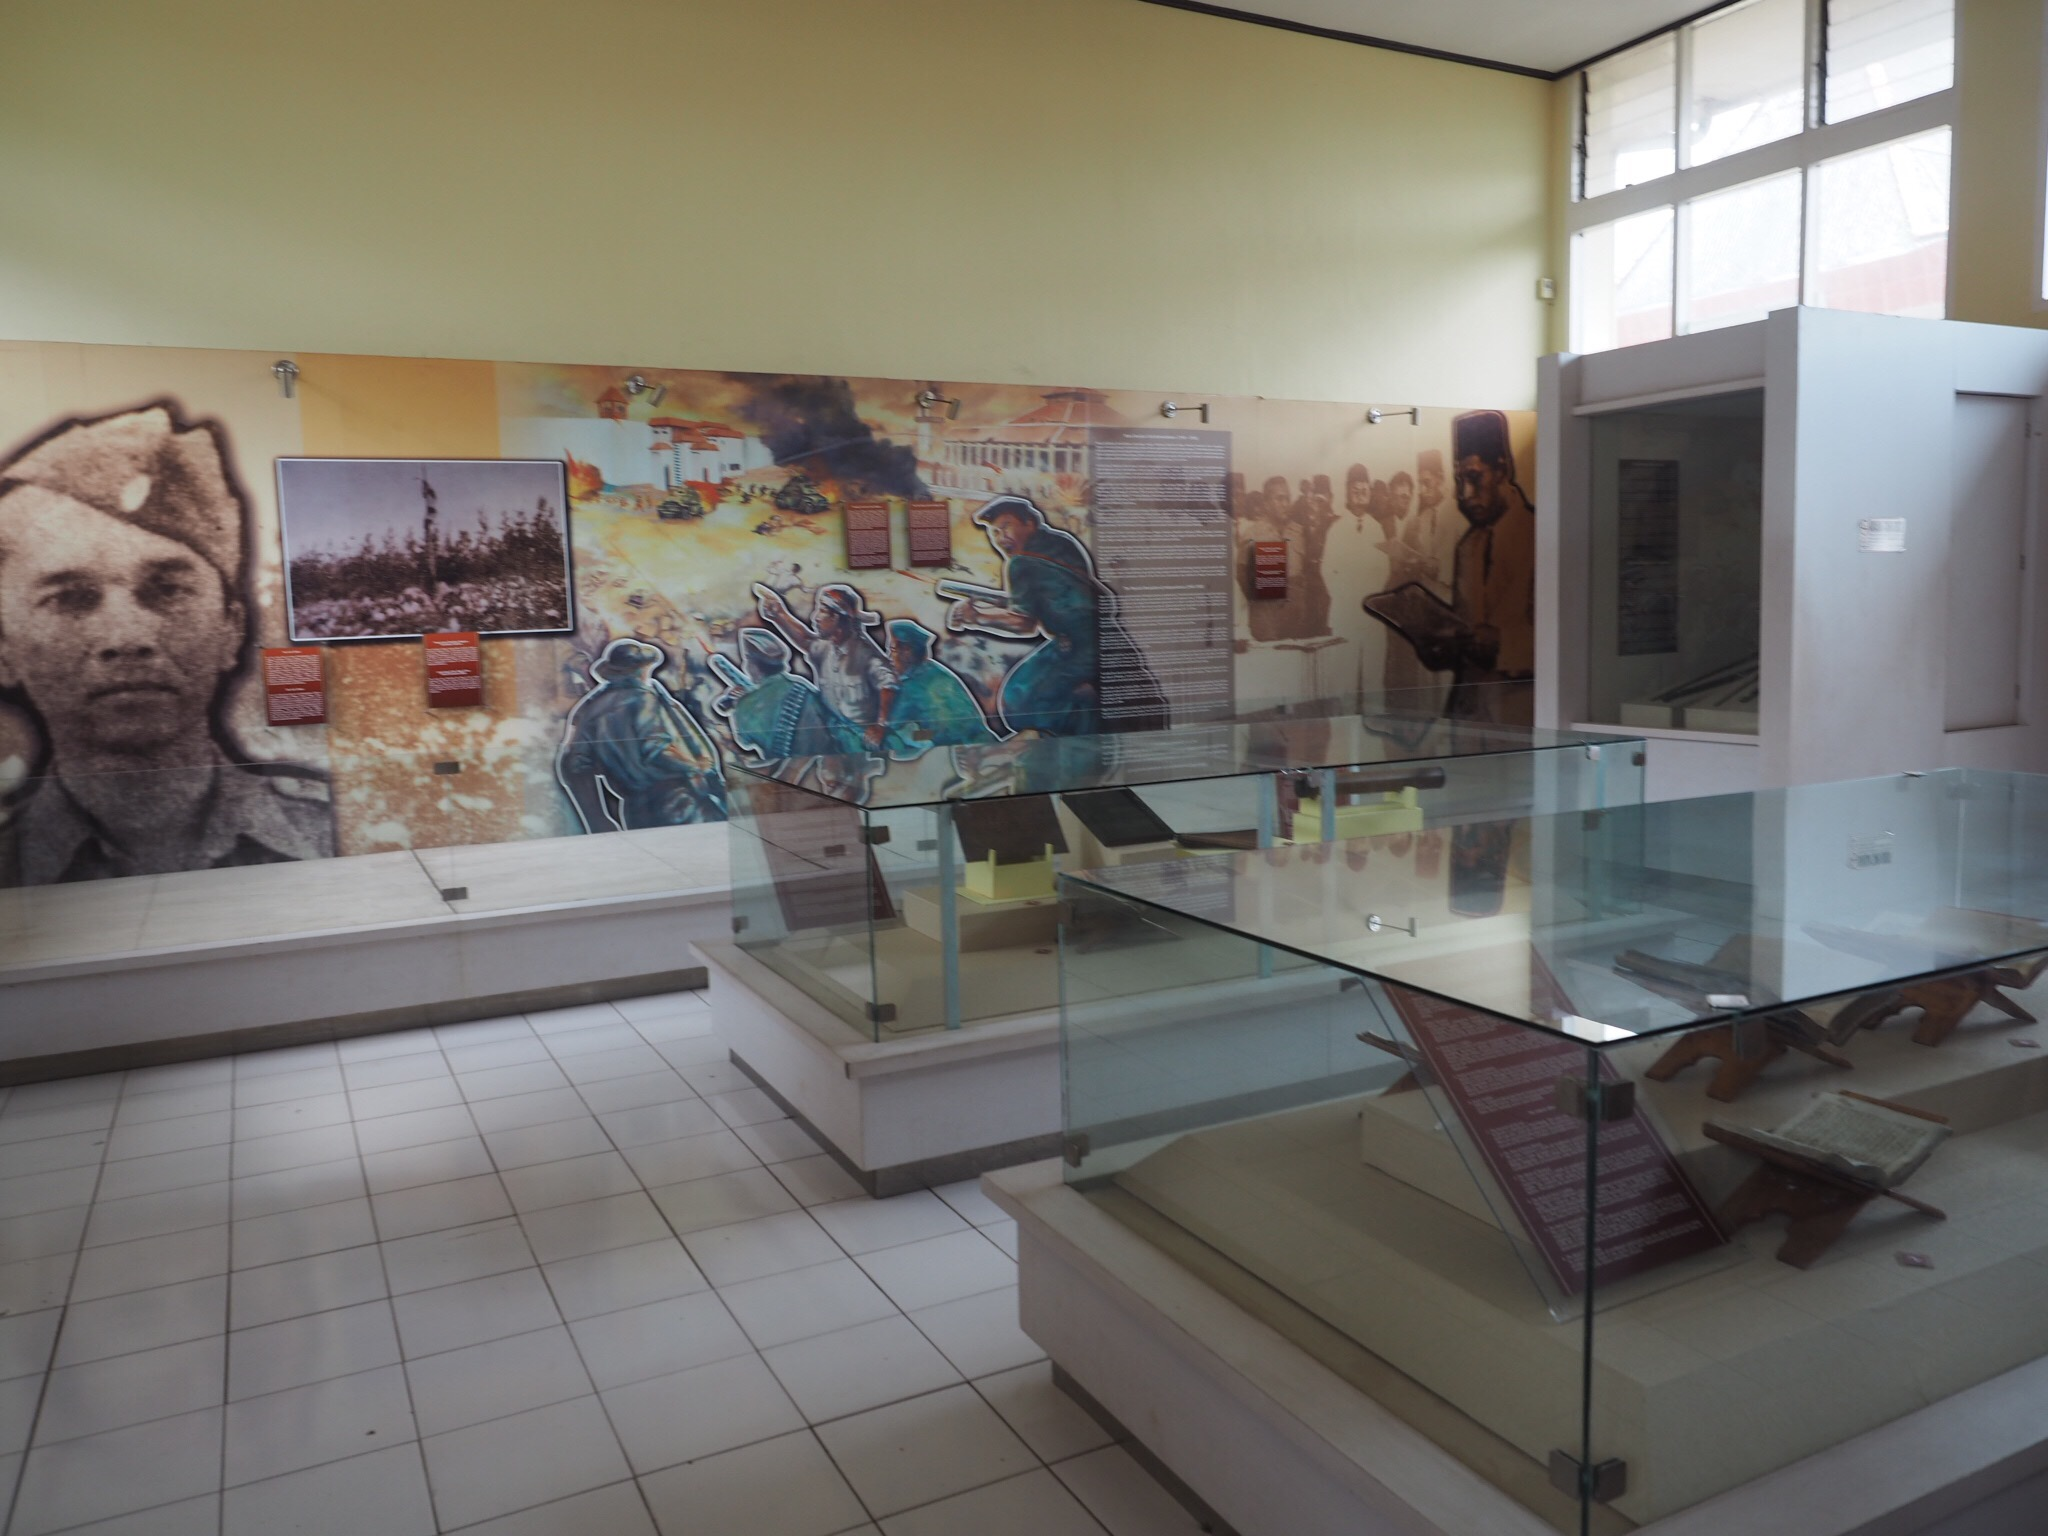 Img 4006 Jpg Setelah Puas Mengunjungi Museum Negeri Balaputra Dewa